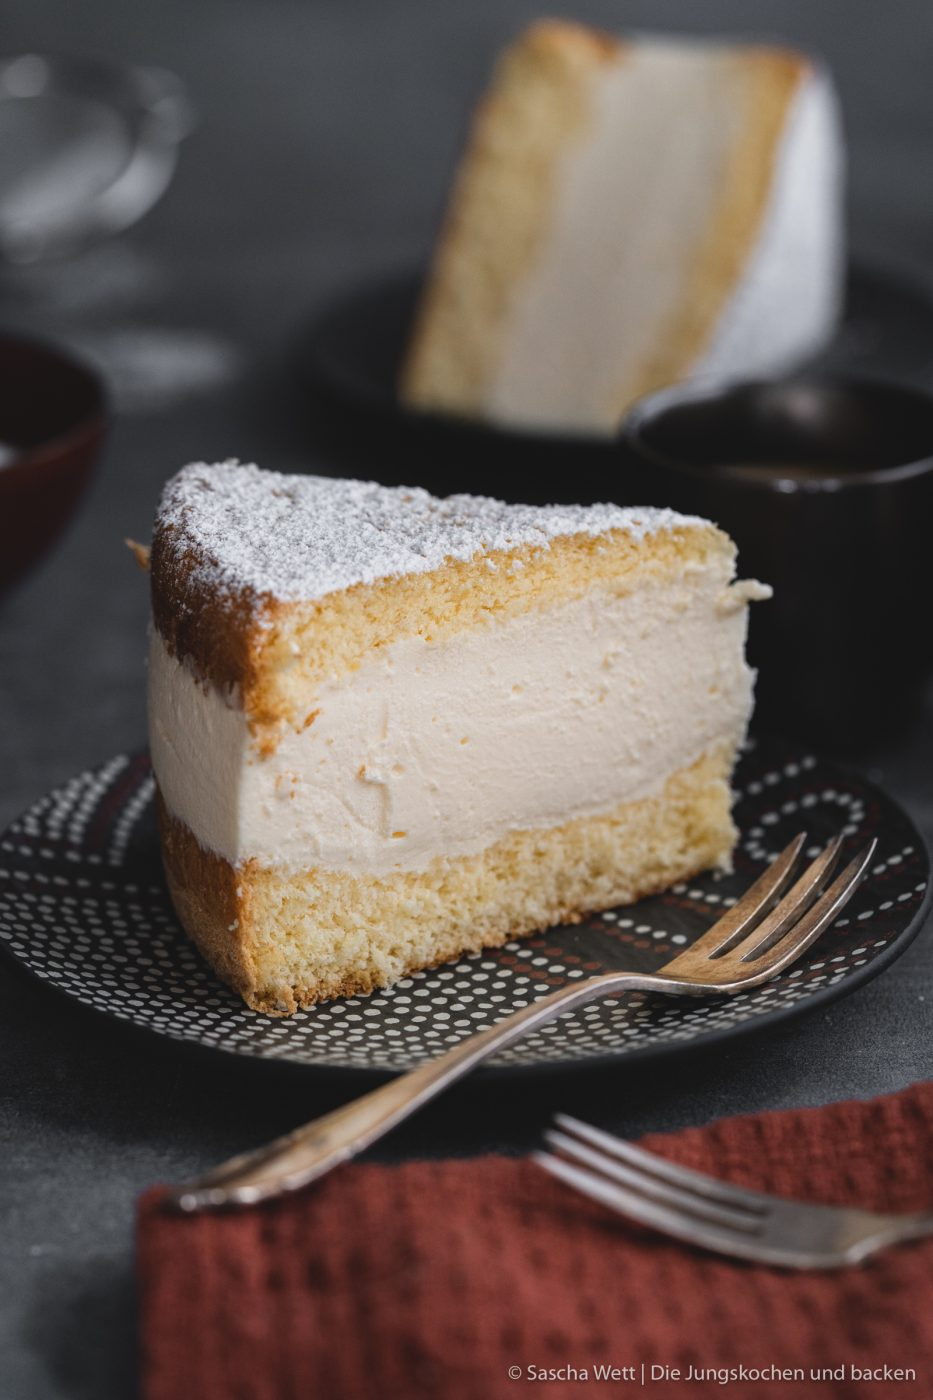 K%C3%A4se Sahne Torte Verpoorten 9 | Wir beide haben schon seit ganz langer Zeit vor, eine für uns ganz besondere Torte selber einmal zuzubereiten. Die Käse-Sahne-Torte. Warum etwas ganz Besonderes? Irgendwie hatten unsere beiden Omas eine Vorliebe dafür. Die Käse-Sahne-Torte kam sowohl bei Oma Lore, als auch bei Saschas Oma Frieda immer wieder auf den Kaffeetisch, wenn sich Gäste angekündigt hatten oder ein Feiertag anstand. Allerdings haben sie den damals nicht so fruchtig verfeinert, wie wir heute.